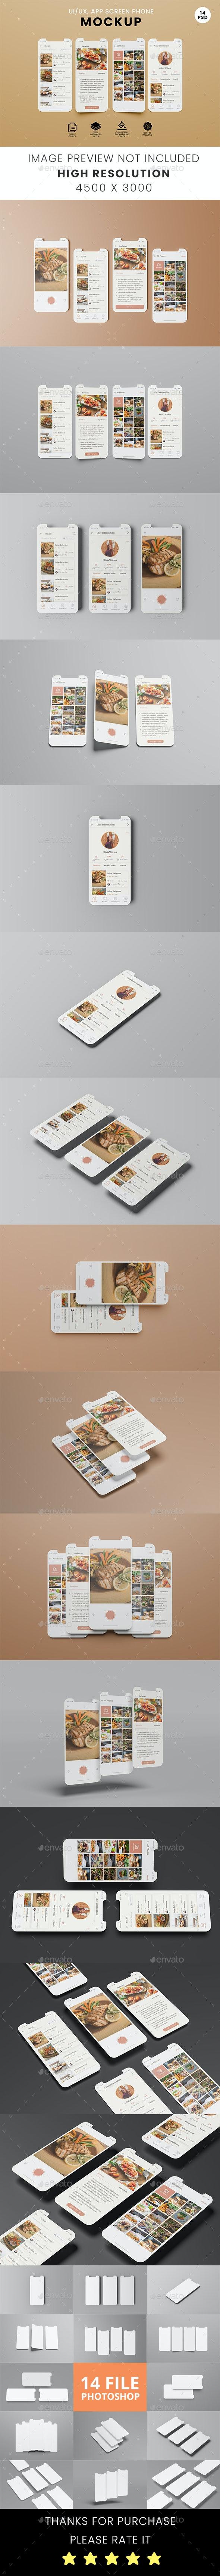 Phone Screen / UX / App Screen Mockup - Mobile Displays